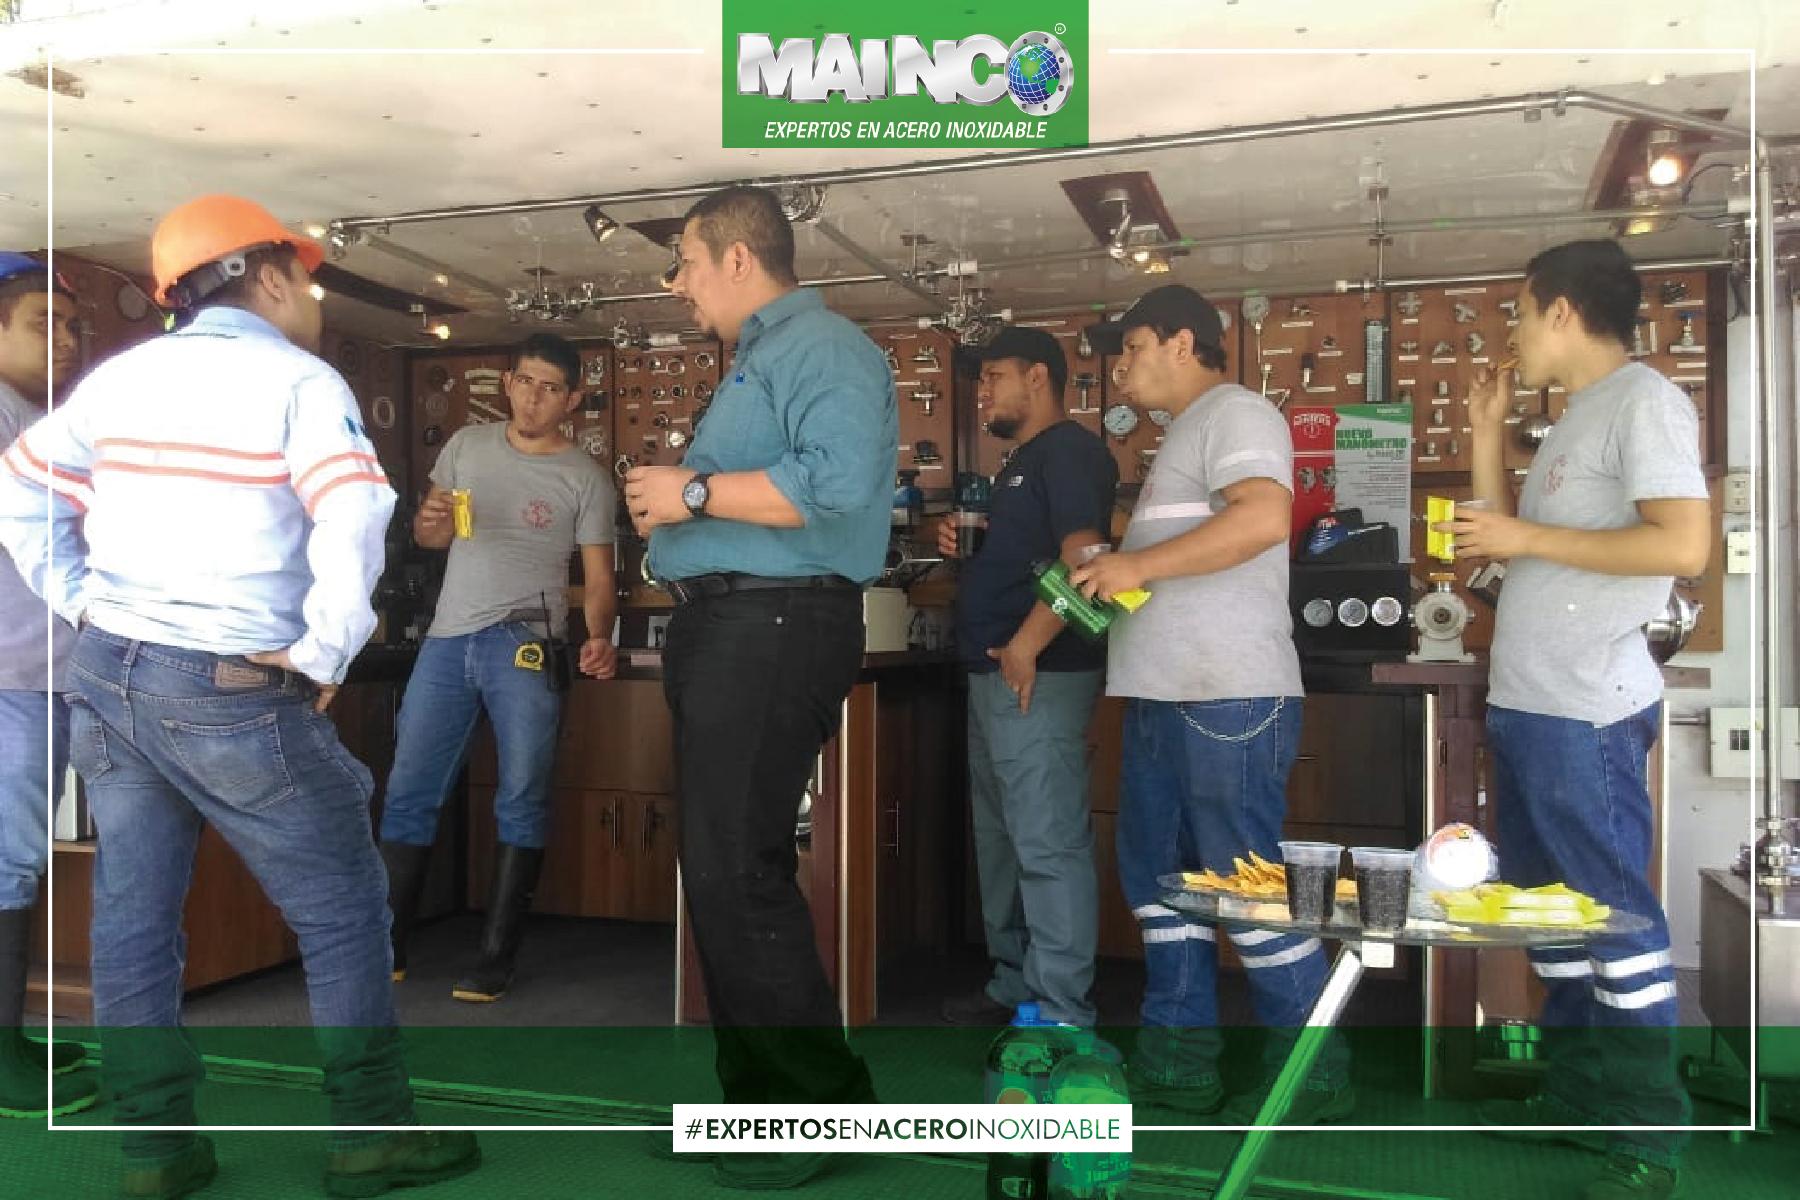 imagen 2 galeria Demostración empresarial MAINCO - Grupo Avicola